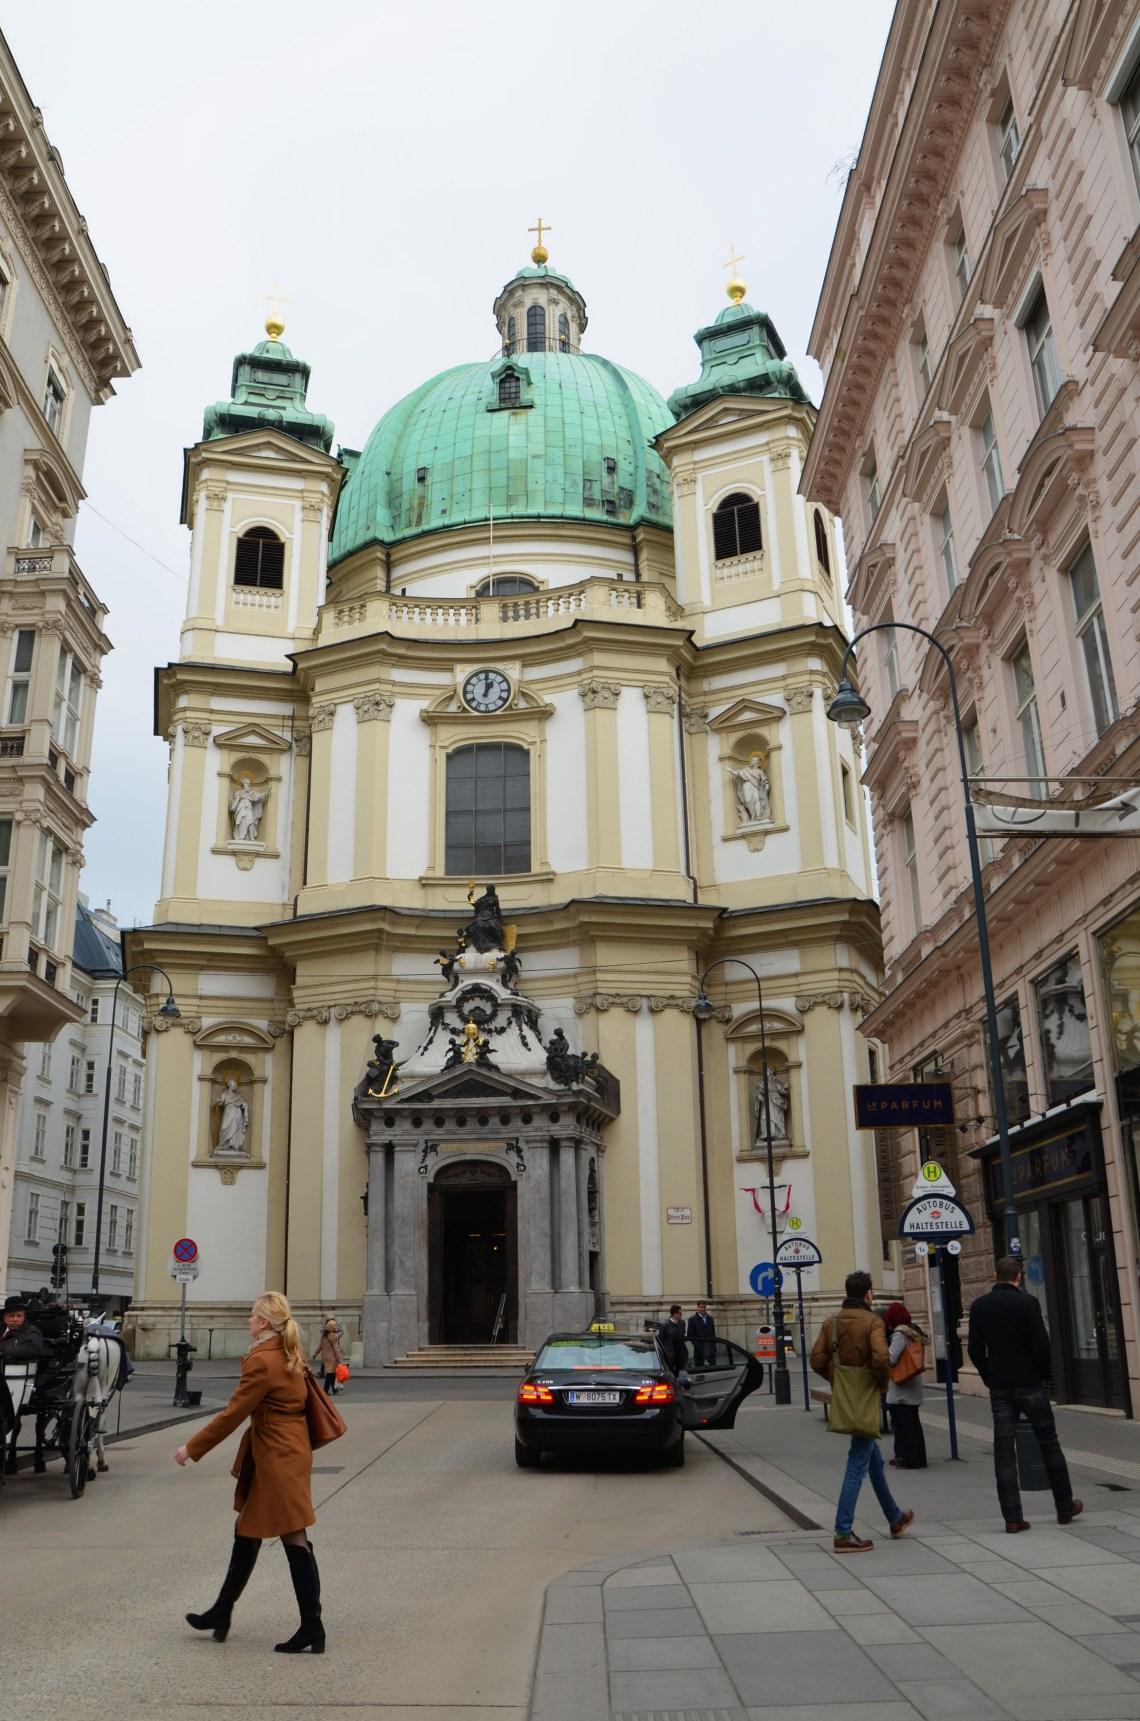 igreja sao pedro - ruas comerciais - viena - pontos turisticos